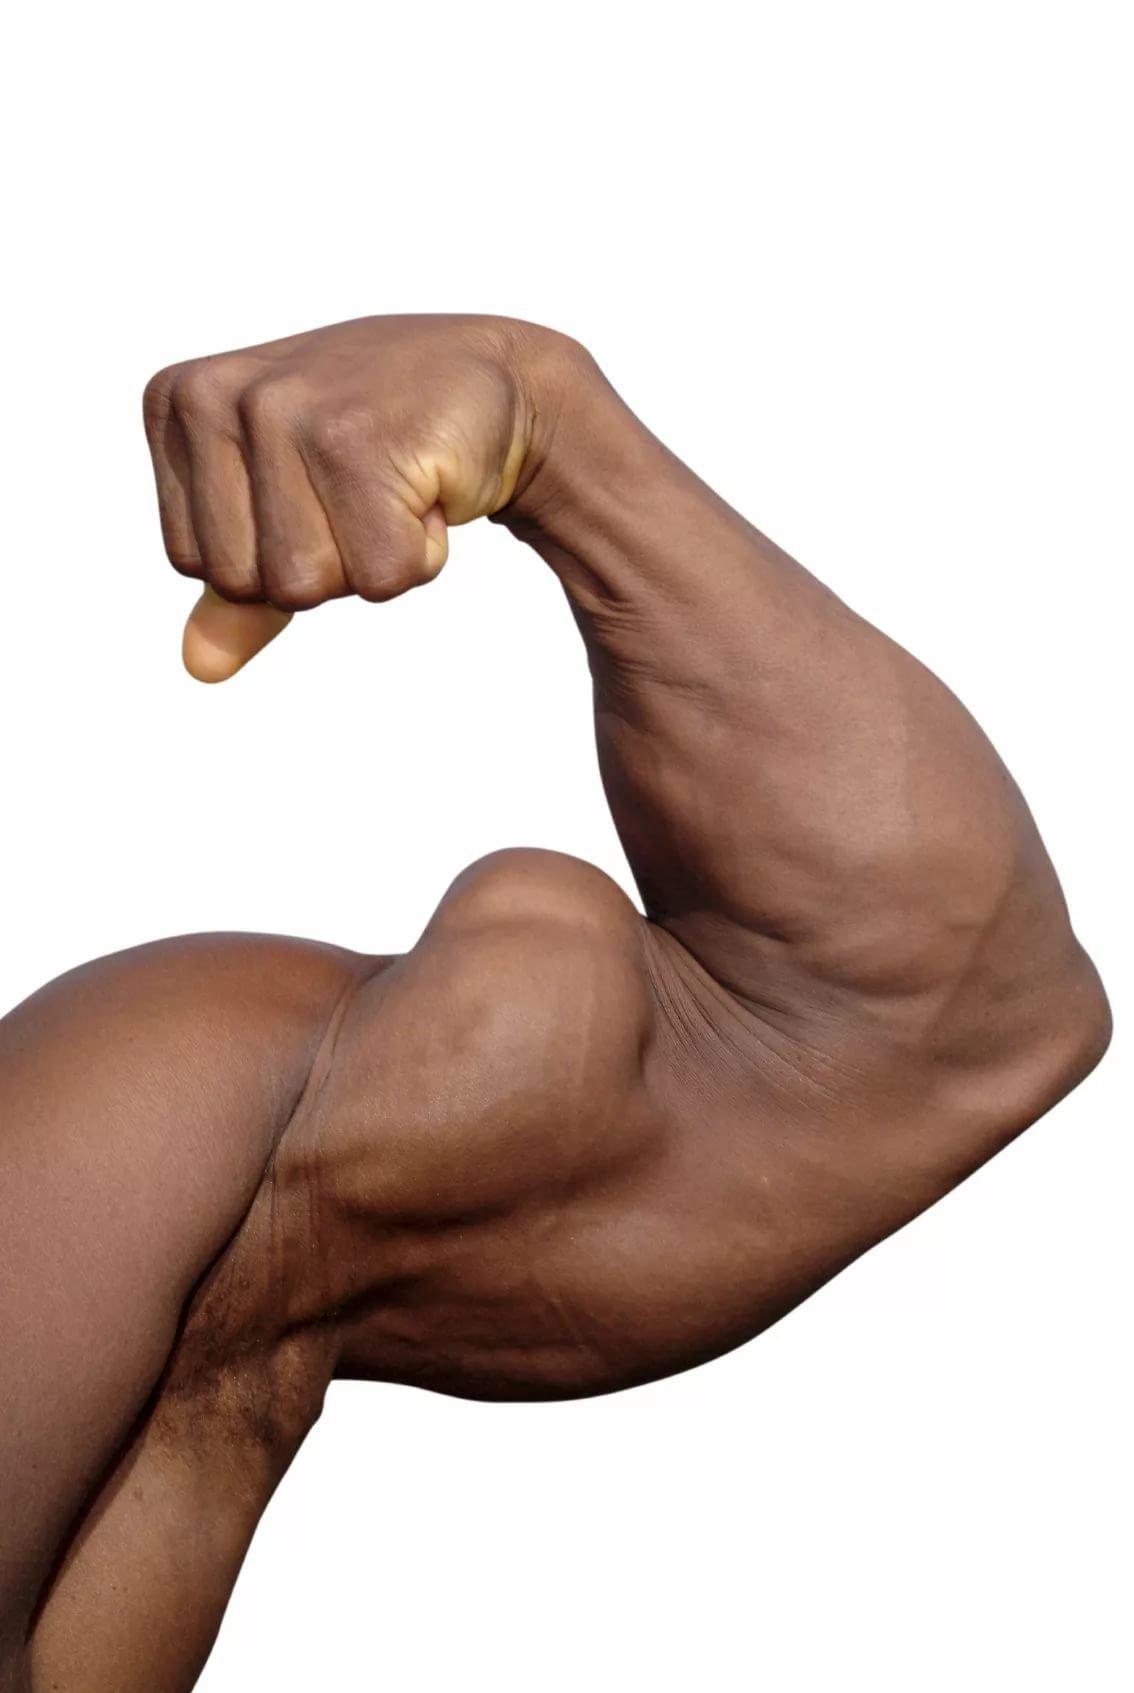 Картинки на мускулы